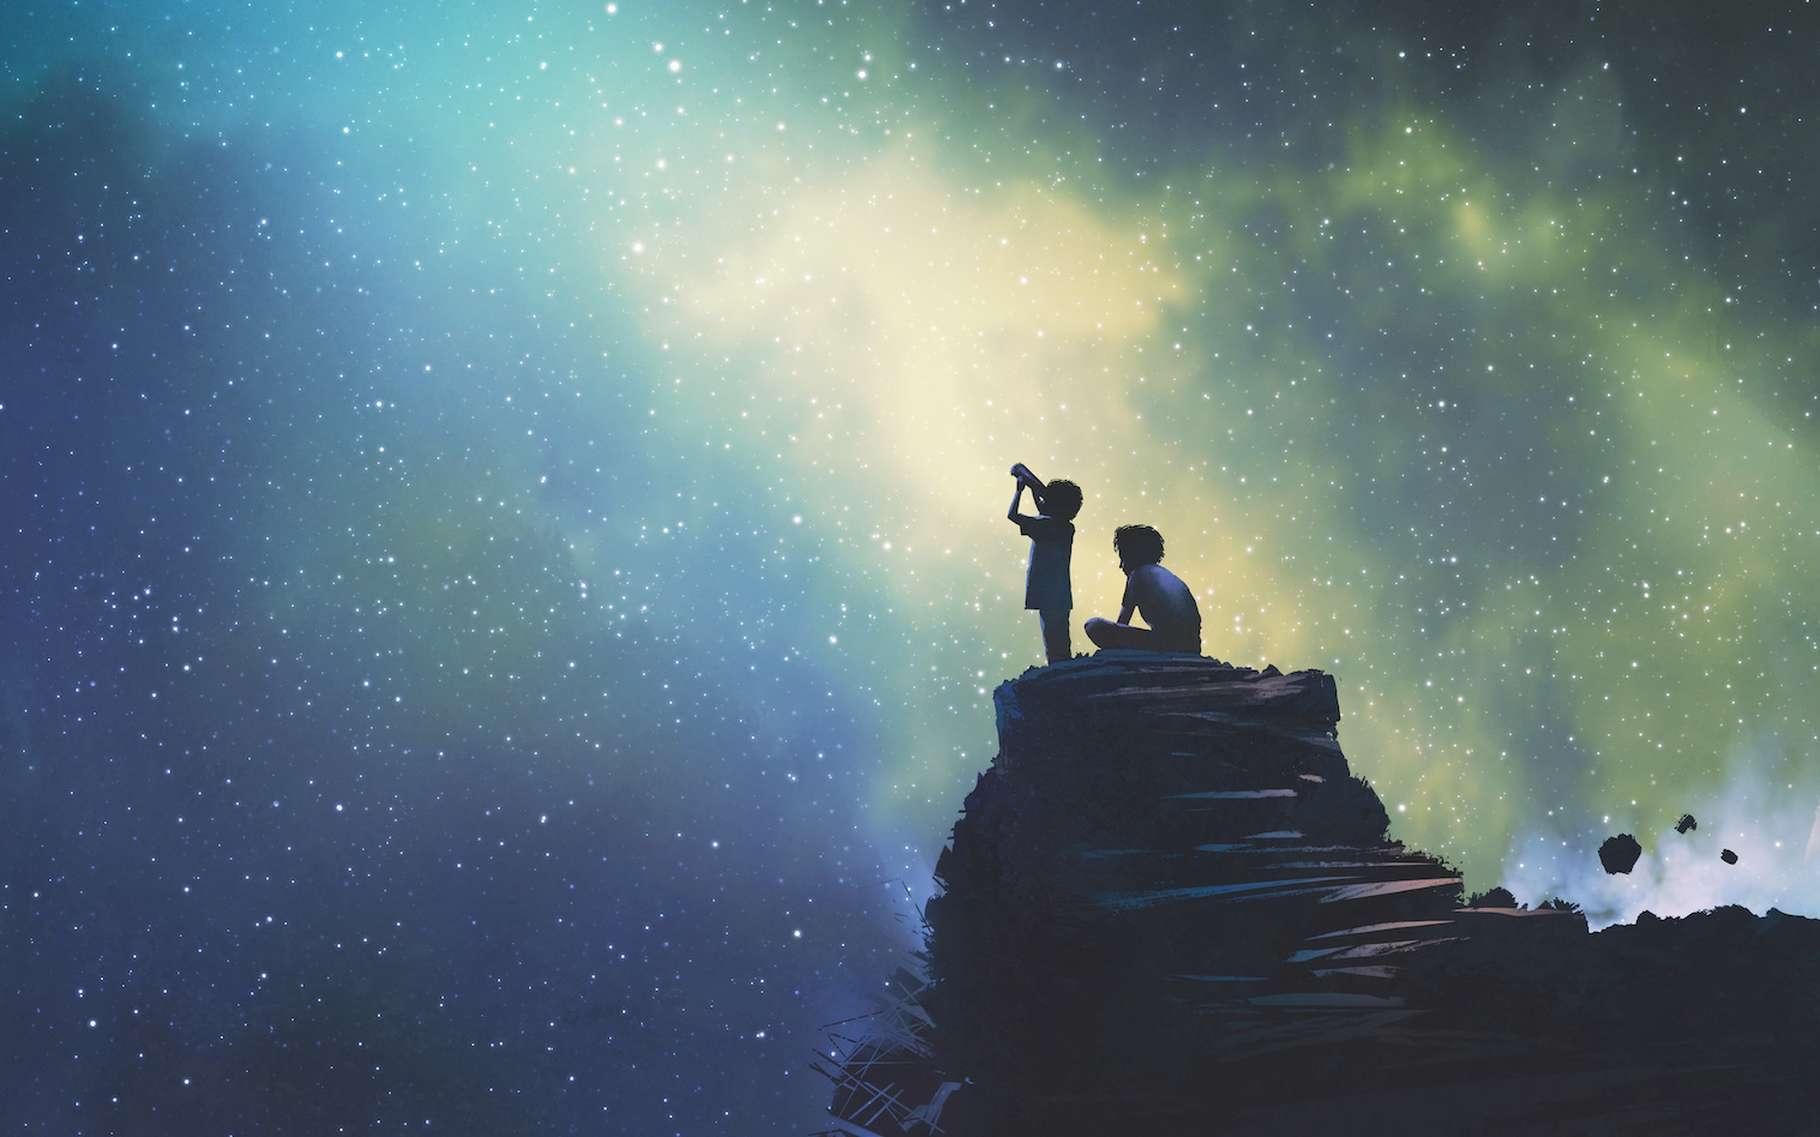 Dans le ciel étoilé, il y a toujours de jolies choses à voir. © grandfailure, Adobe Stock